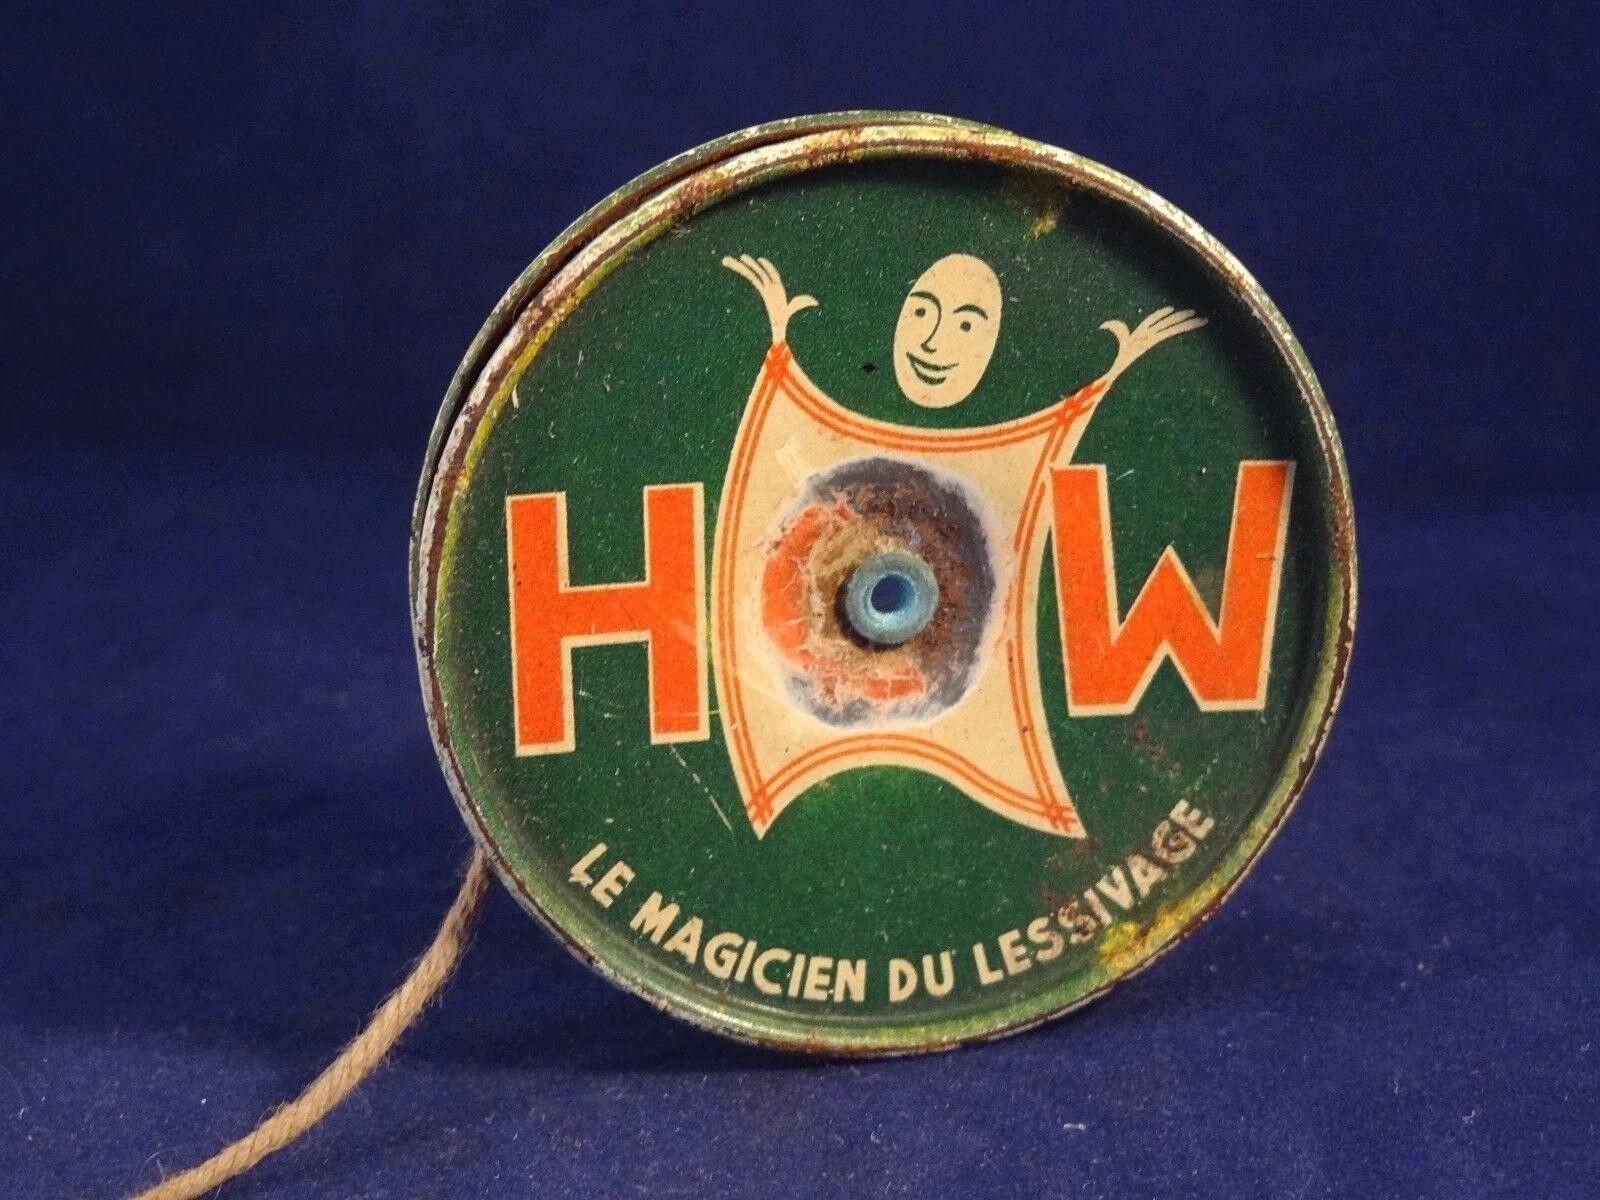 Ancien jouet publicitaire Yo-yo tôle lessive HOW le magicien magicien magicien du lessigae an. 50 a34e63